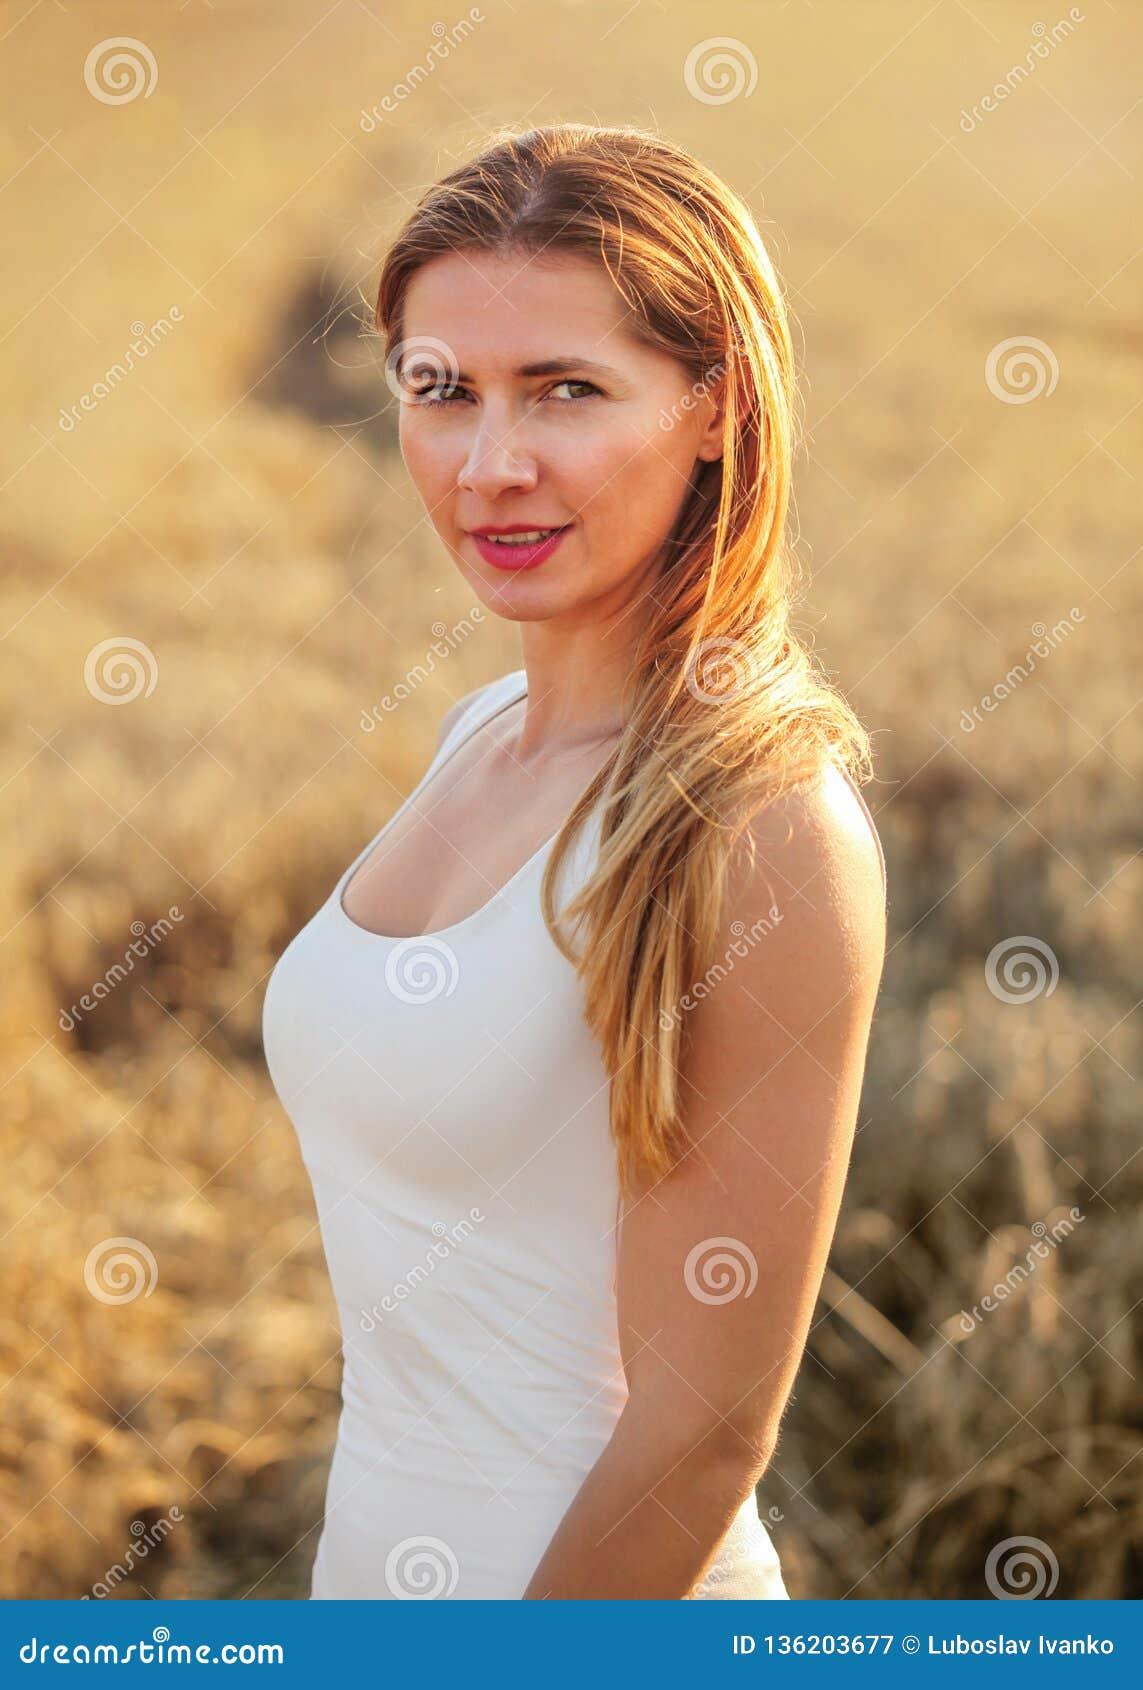 Jonge donkerbruine vrouw in witte kleding, die zich op die tarwegebied bevinden door middagzon wordt aangestoken